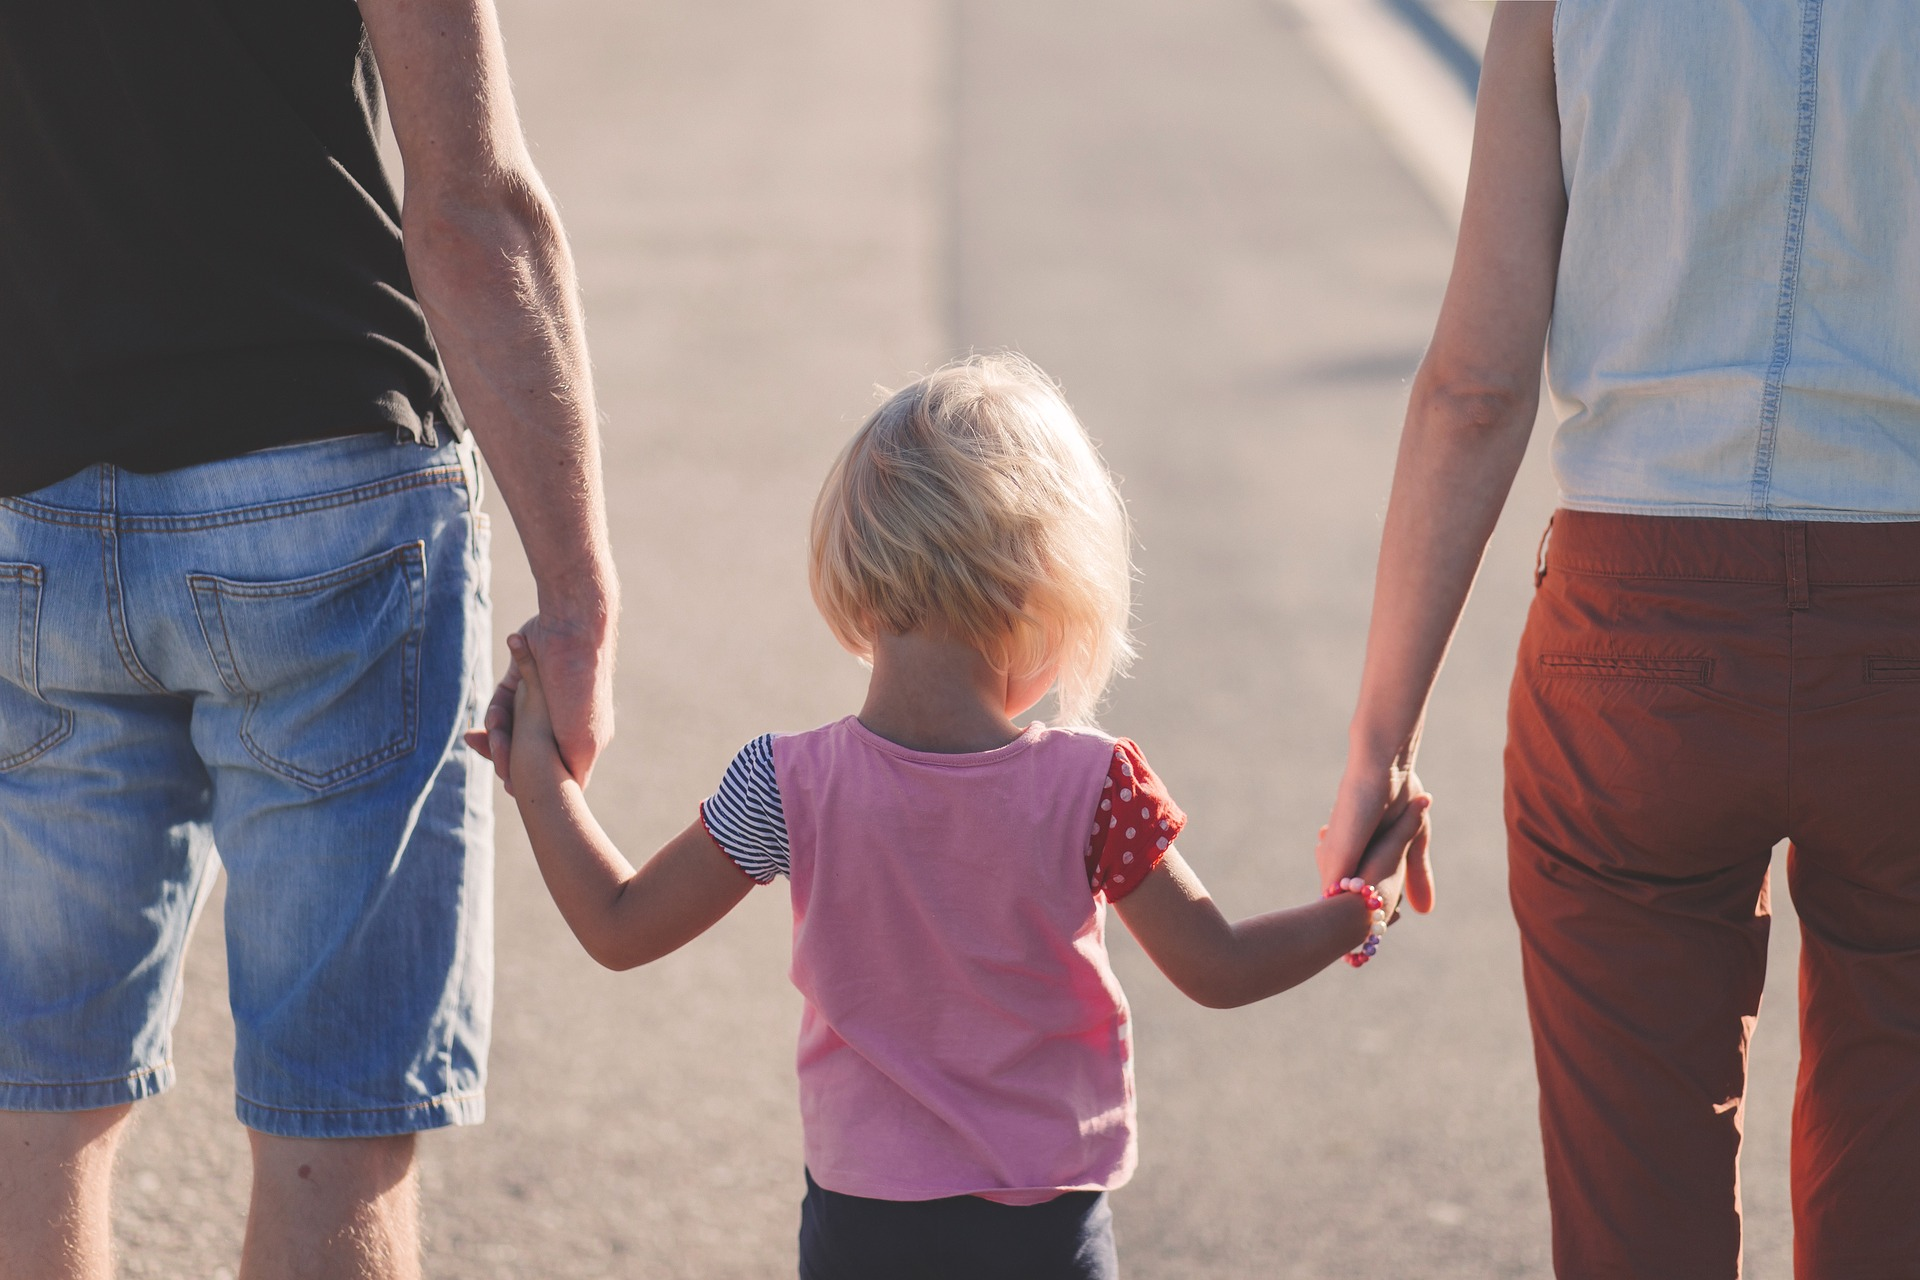 GYED: milyen támogatásokat vehet igénybe a család?